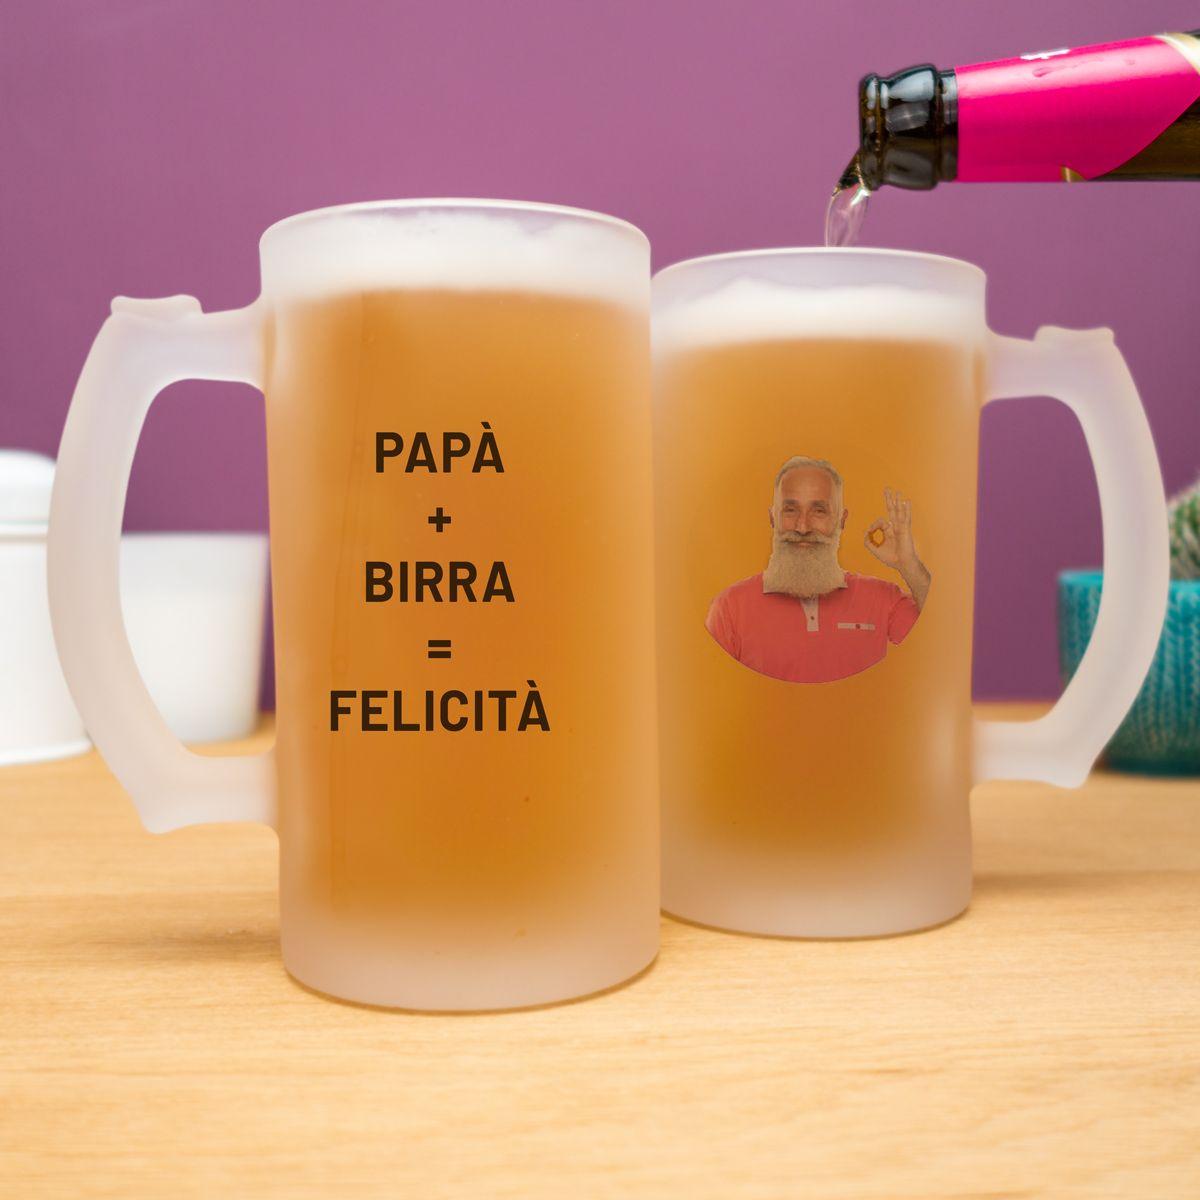 868dd304a4 Boccale da birra personalizzabile con foto e testo | Troppotogo